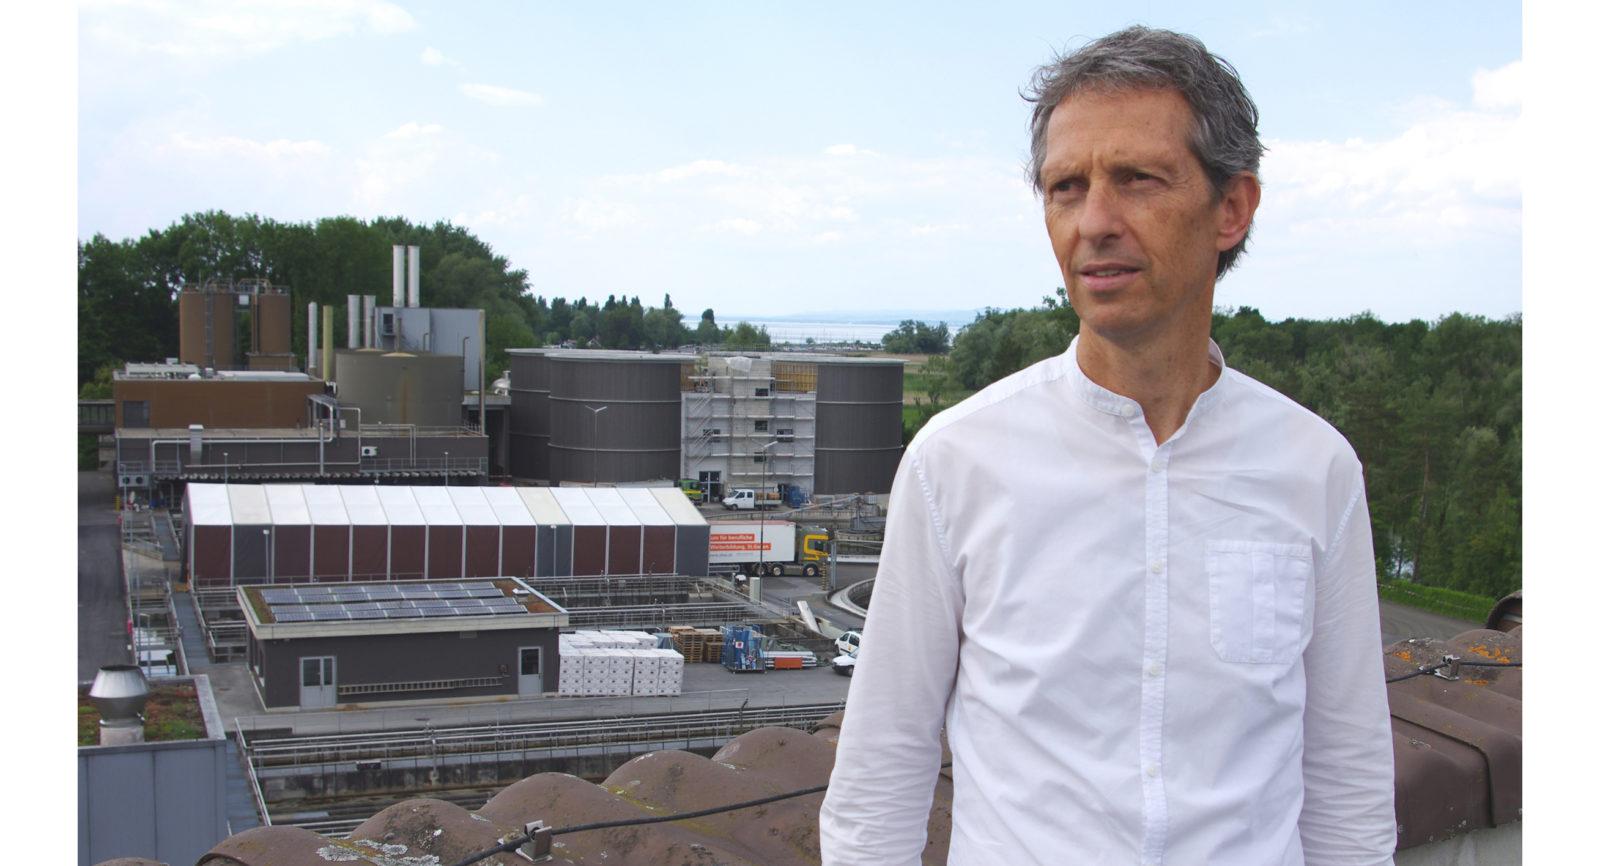 Dr. Christoph Egli, Geschäftsführer des Abwasserverbands Altenrhein (AVA), bestätigt: « In unserem Energiekonzept spielen die beiden Blockheizkraftwerke eine wichtige Rolle.»